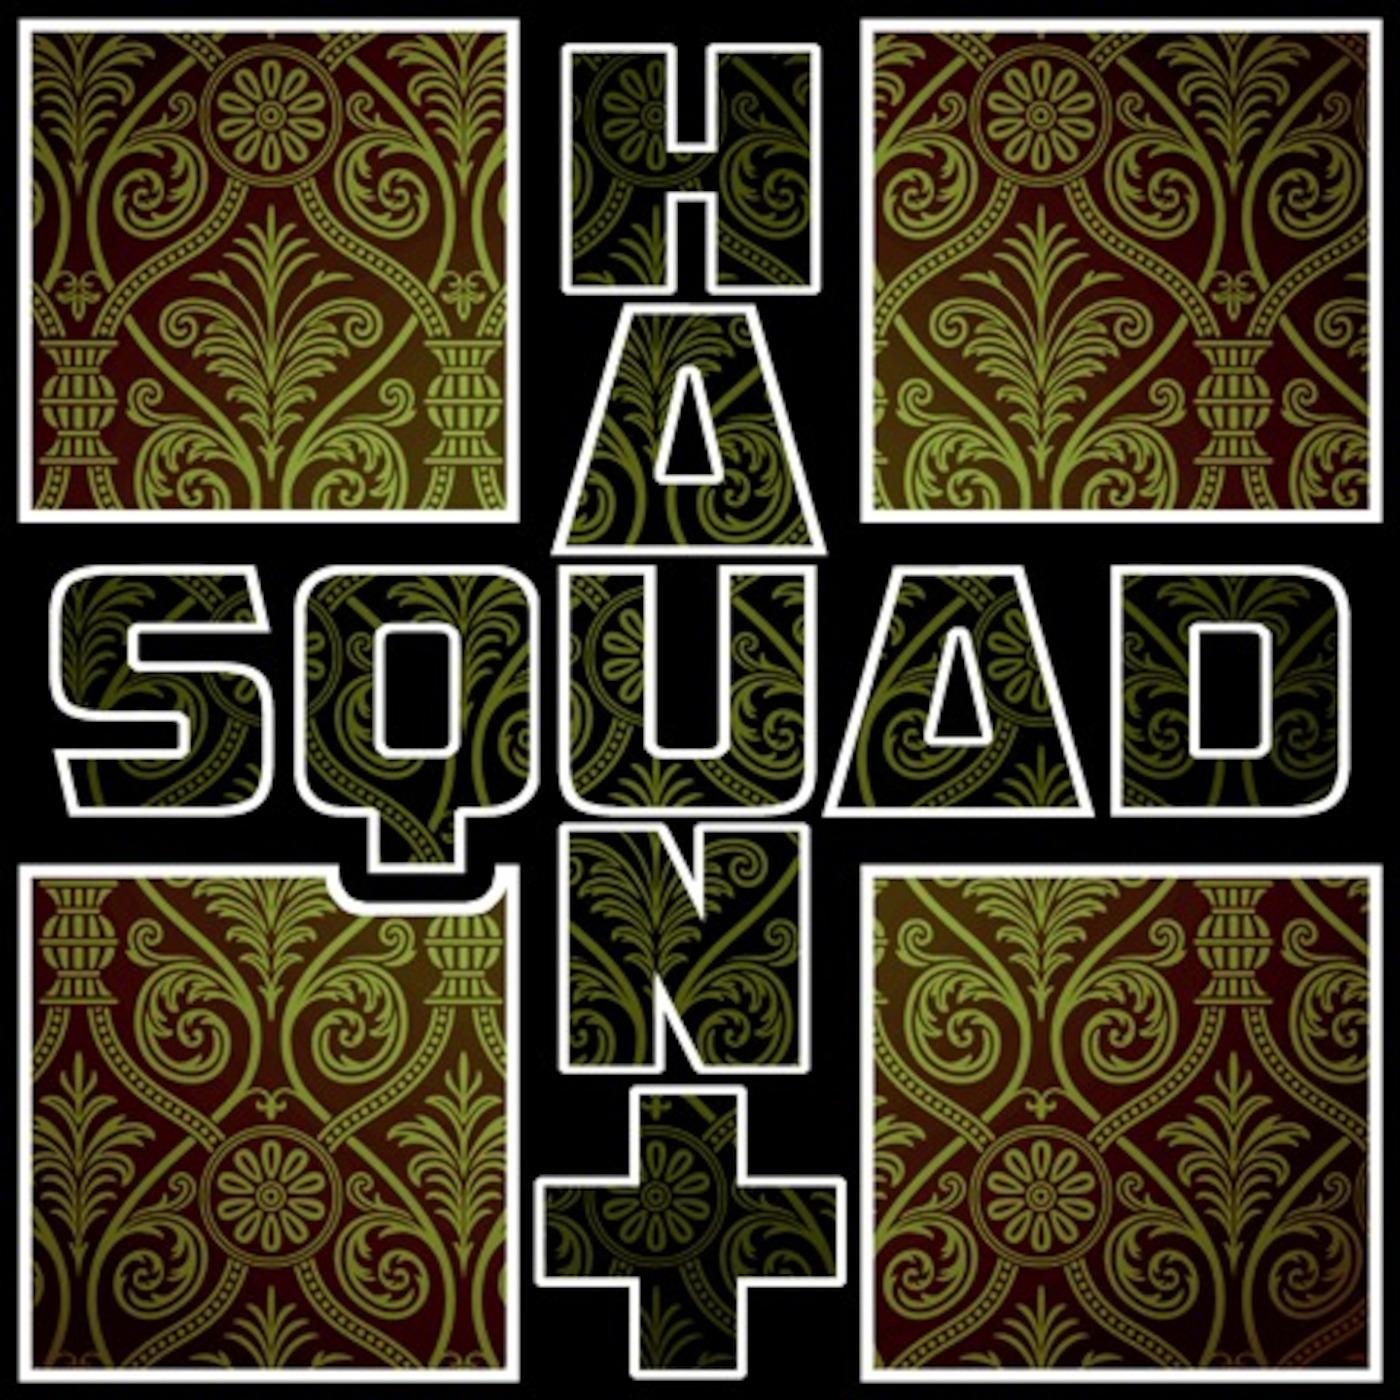 Haunt Squad Paranormal Entertainment Podcast